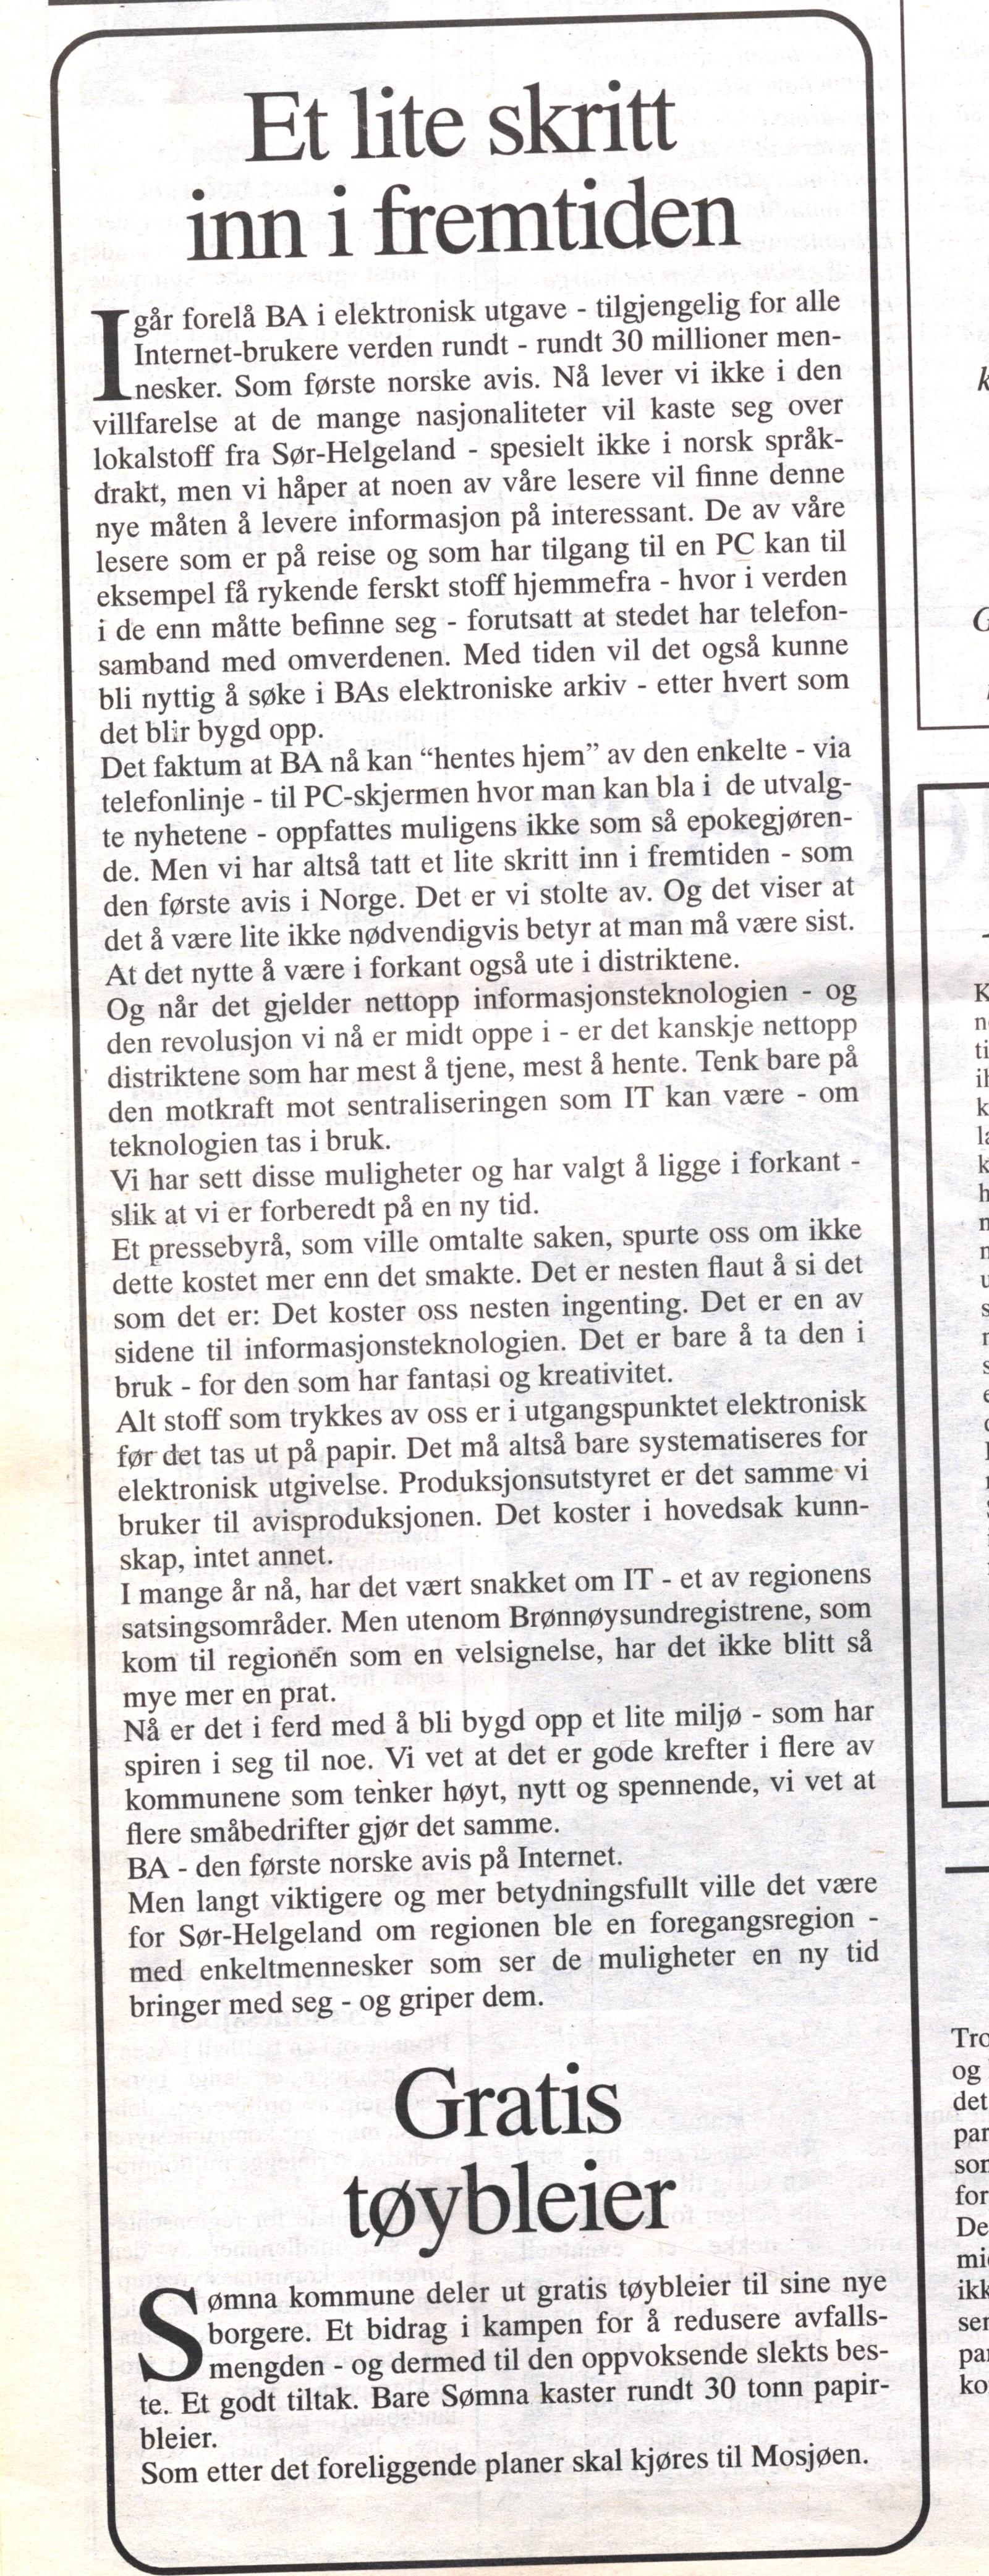 Leder Petter Stephan Krokaa om lanseringen.